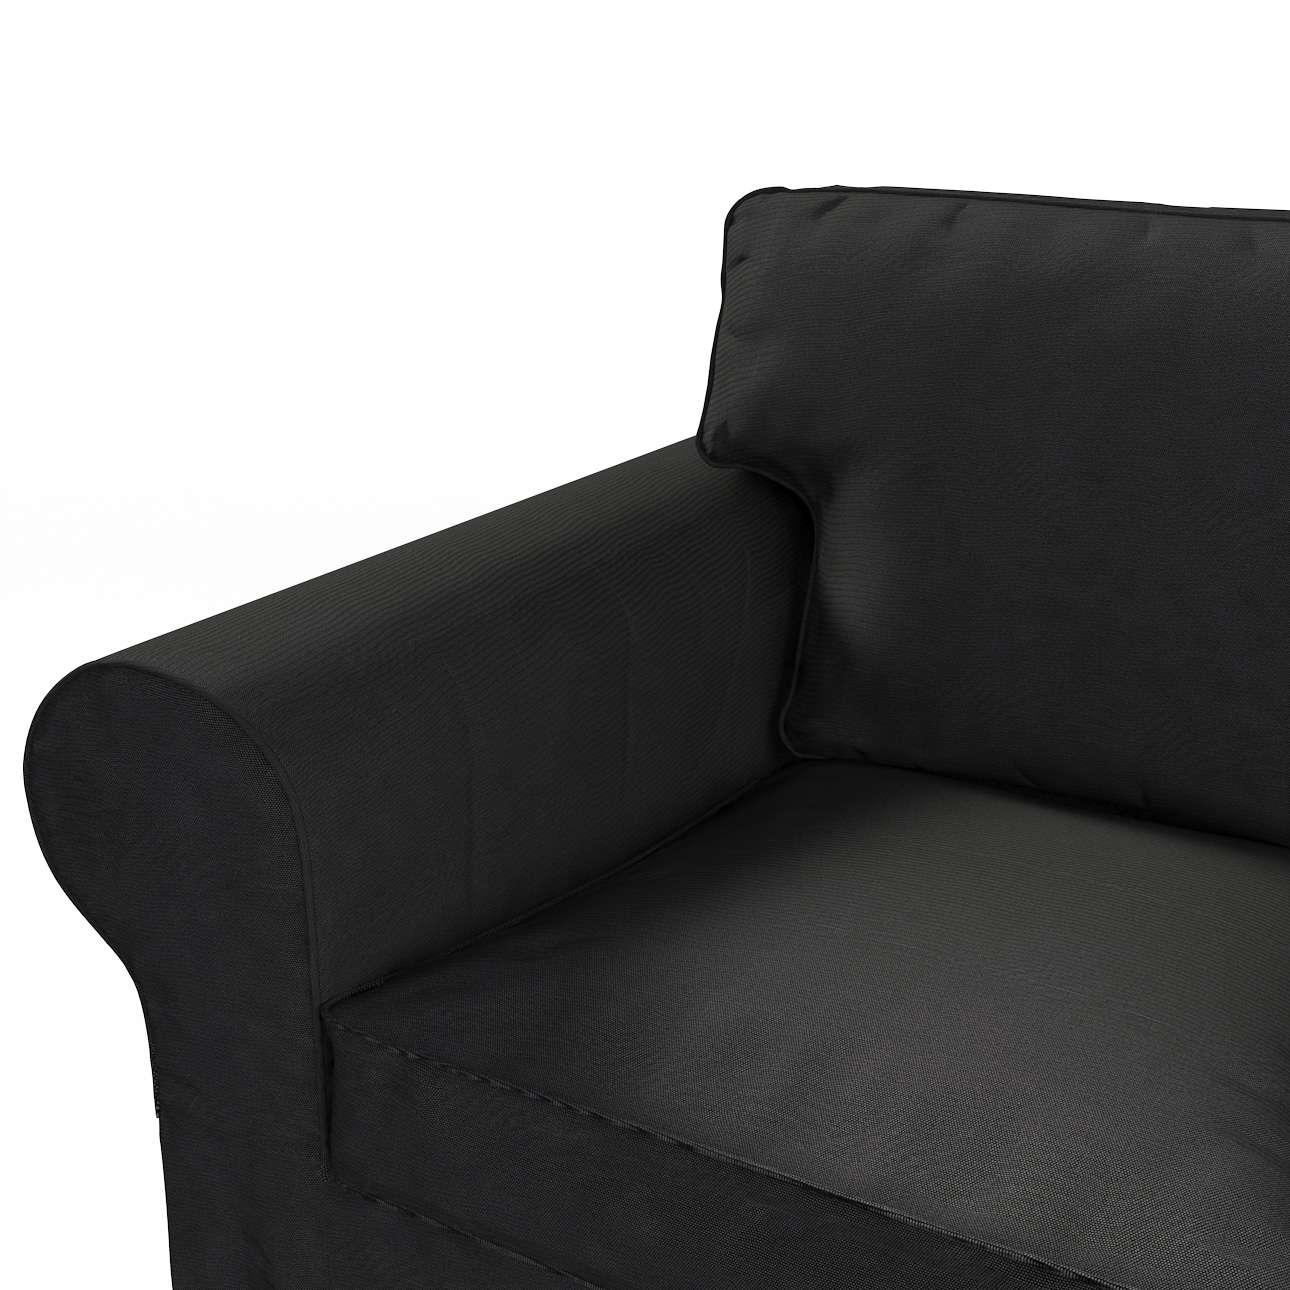 Pokrowiec na sofę Ektorp 3-osobową, rozkładaną NOWY MODEL 2013 Ektorp 3-os rozkładany nowy model 2013 w kolekcji Etna , tkanina: 705-00